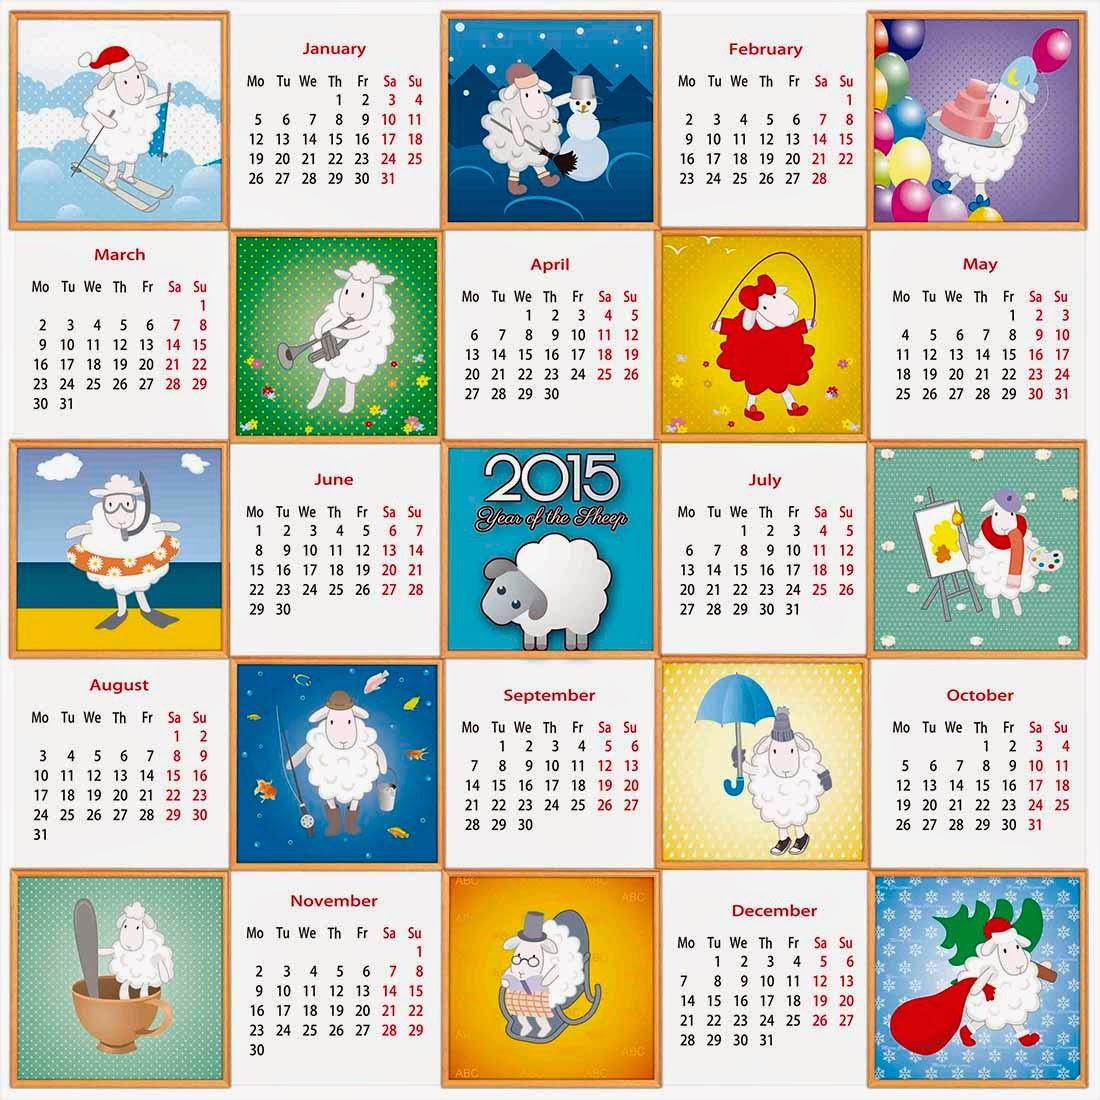 12 cabras representando las actividades de cada mes del año 2015